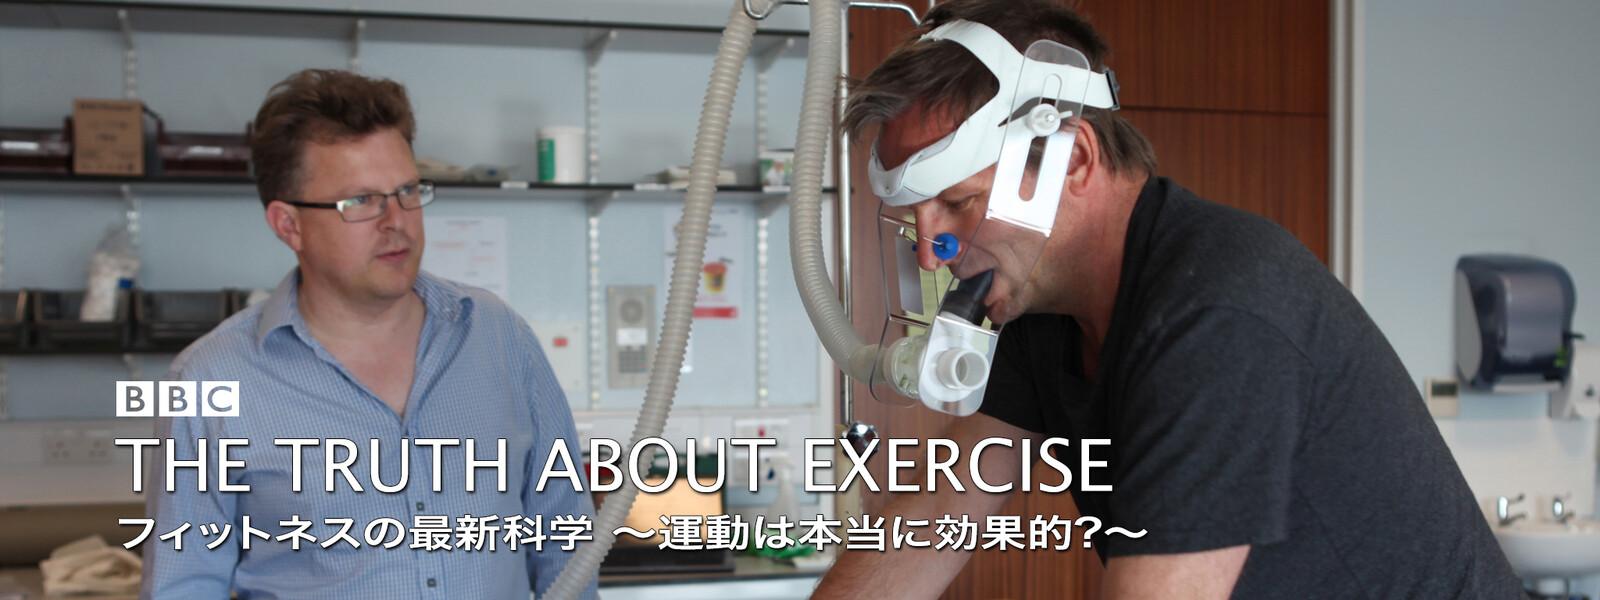 フィットネスの最新科学 ~運動は本当に効果的?~ 動画